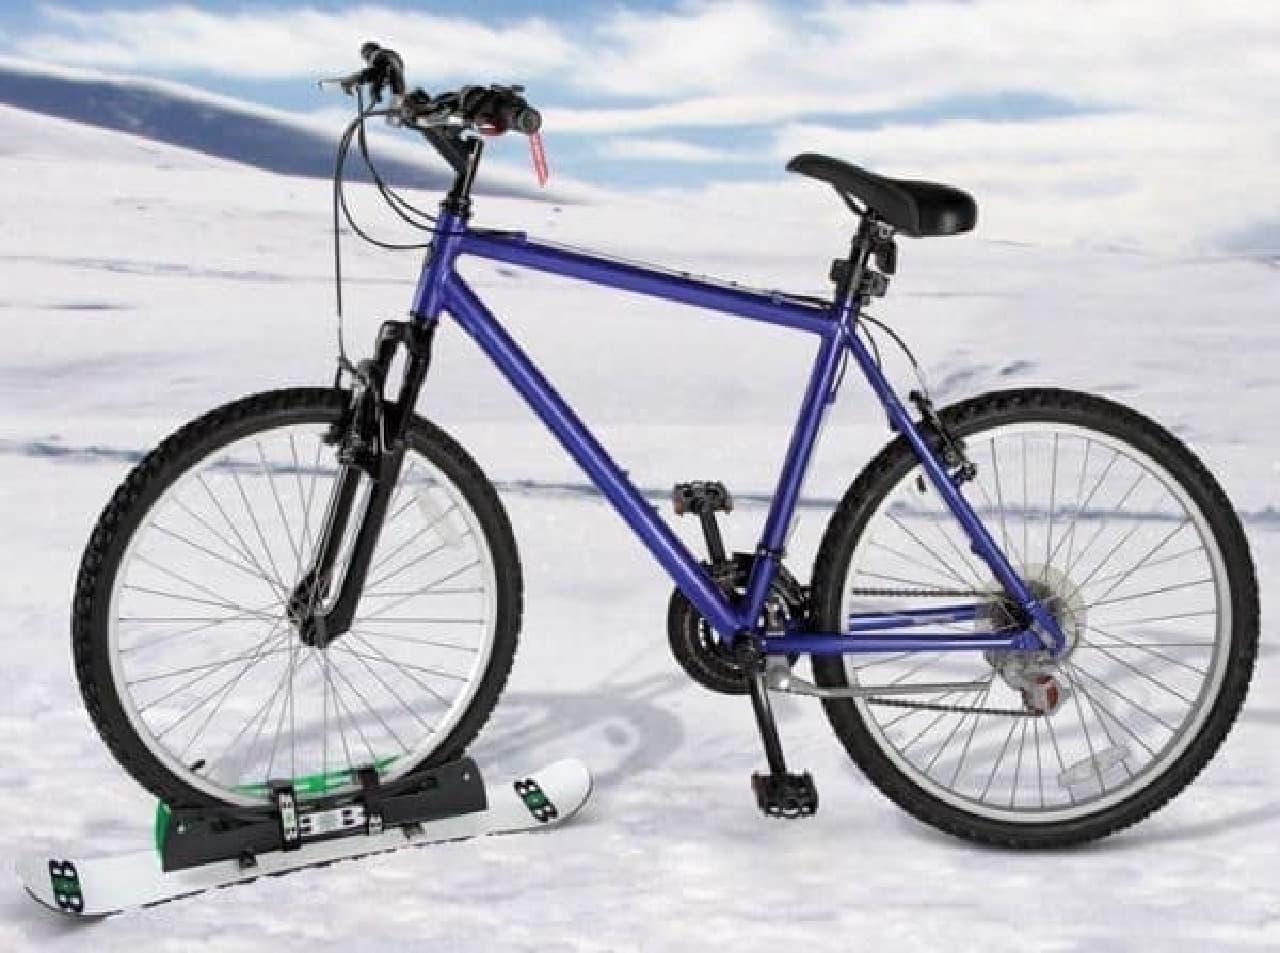 参考画像2:雪上をスケートボードのように走行できる自転車「Bike Snowboard」